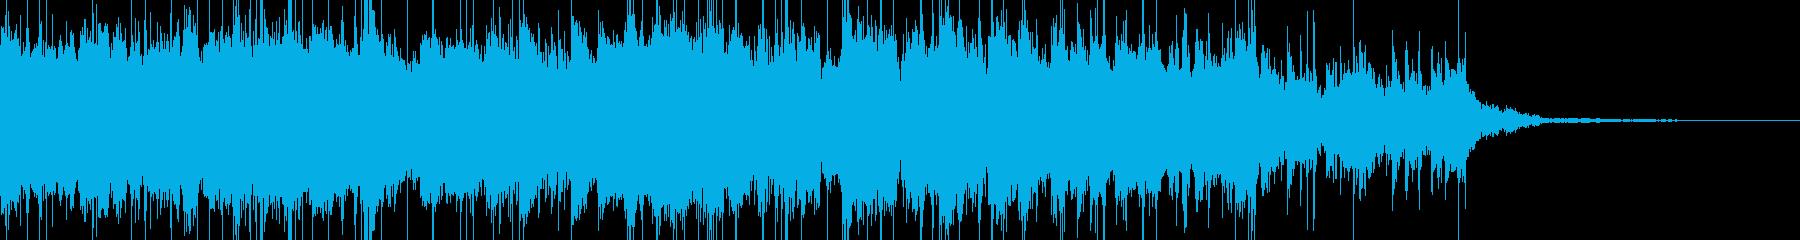 アップテンポなフュージョンサウンドの再生済みの波形